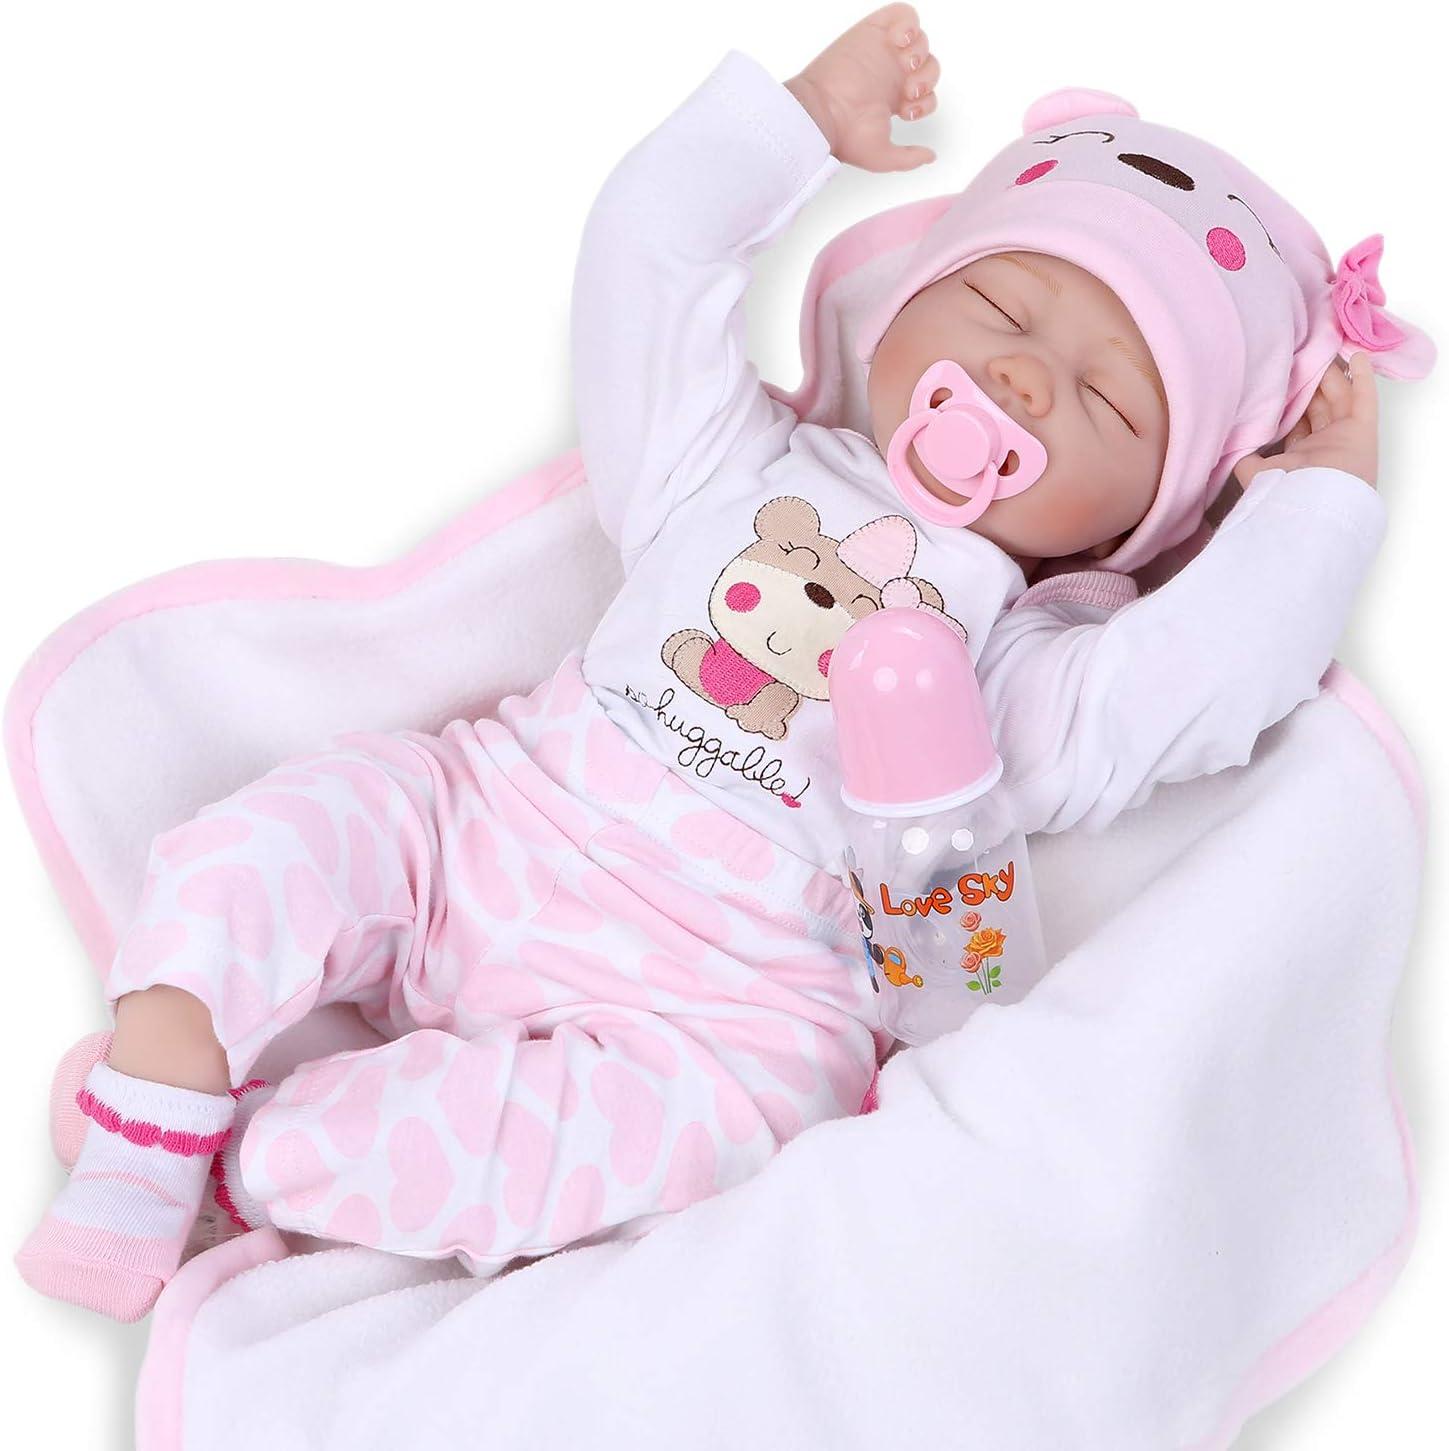 Nicery Reborn Baby Doll Renacer Bebé la Muñeca Vinil Simulación Silicona Suave 22 Pulgadas 55cm Boca Natural Niña Niño Juguete vívido Rosado Blanco Ojos Cerca